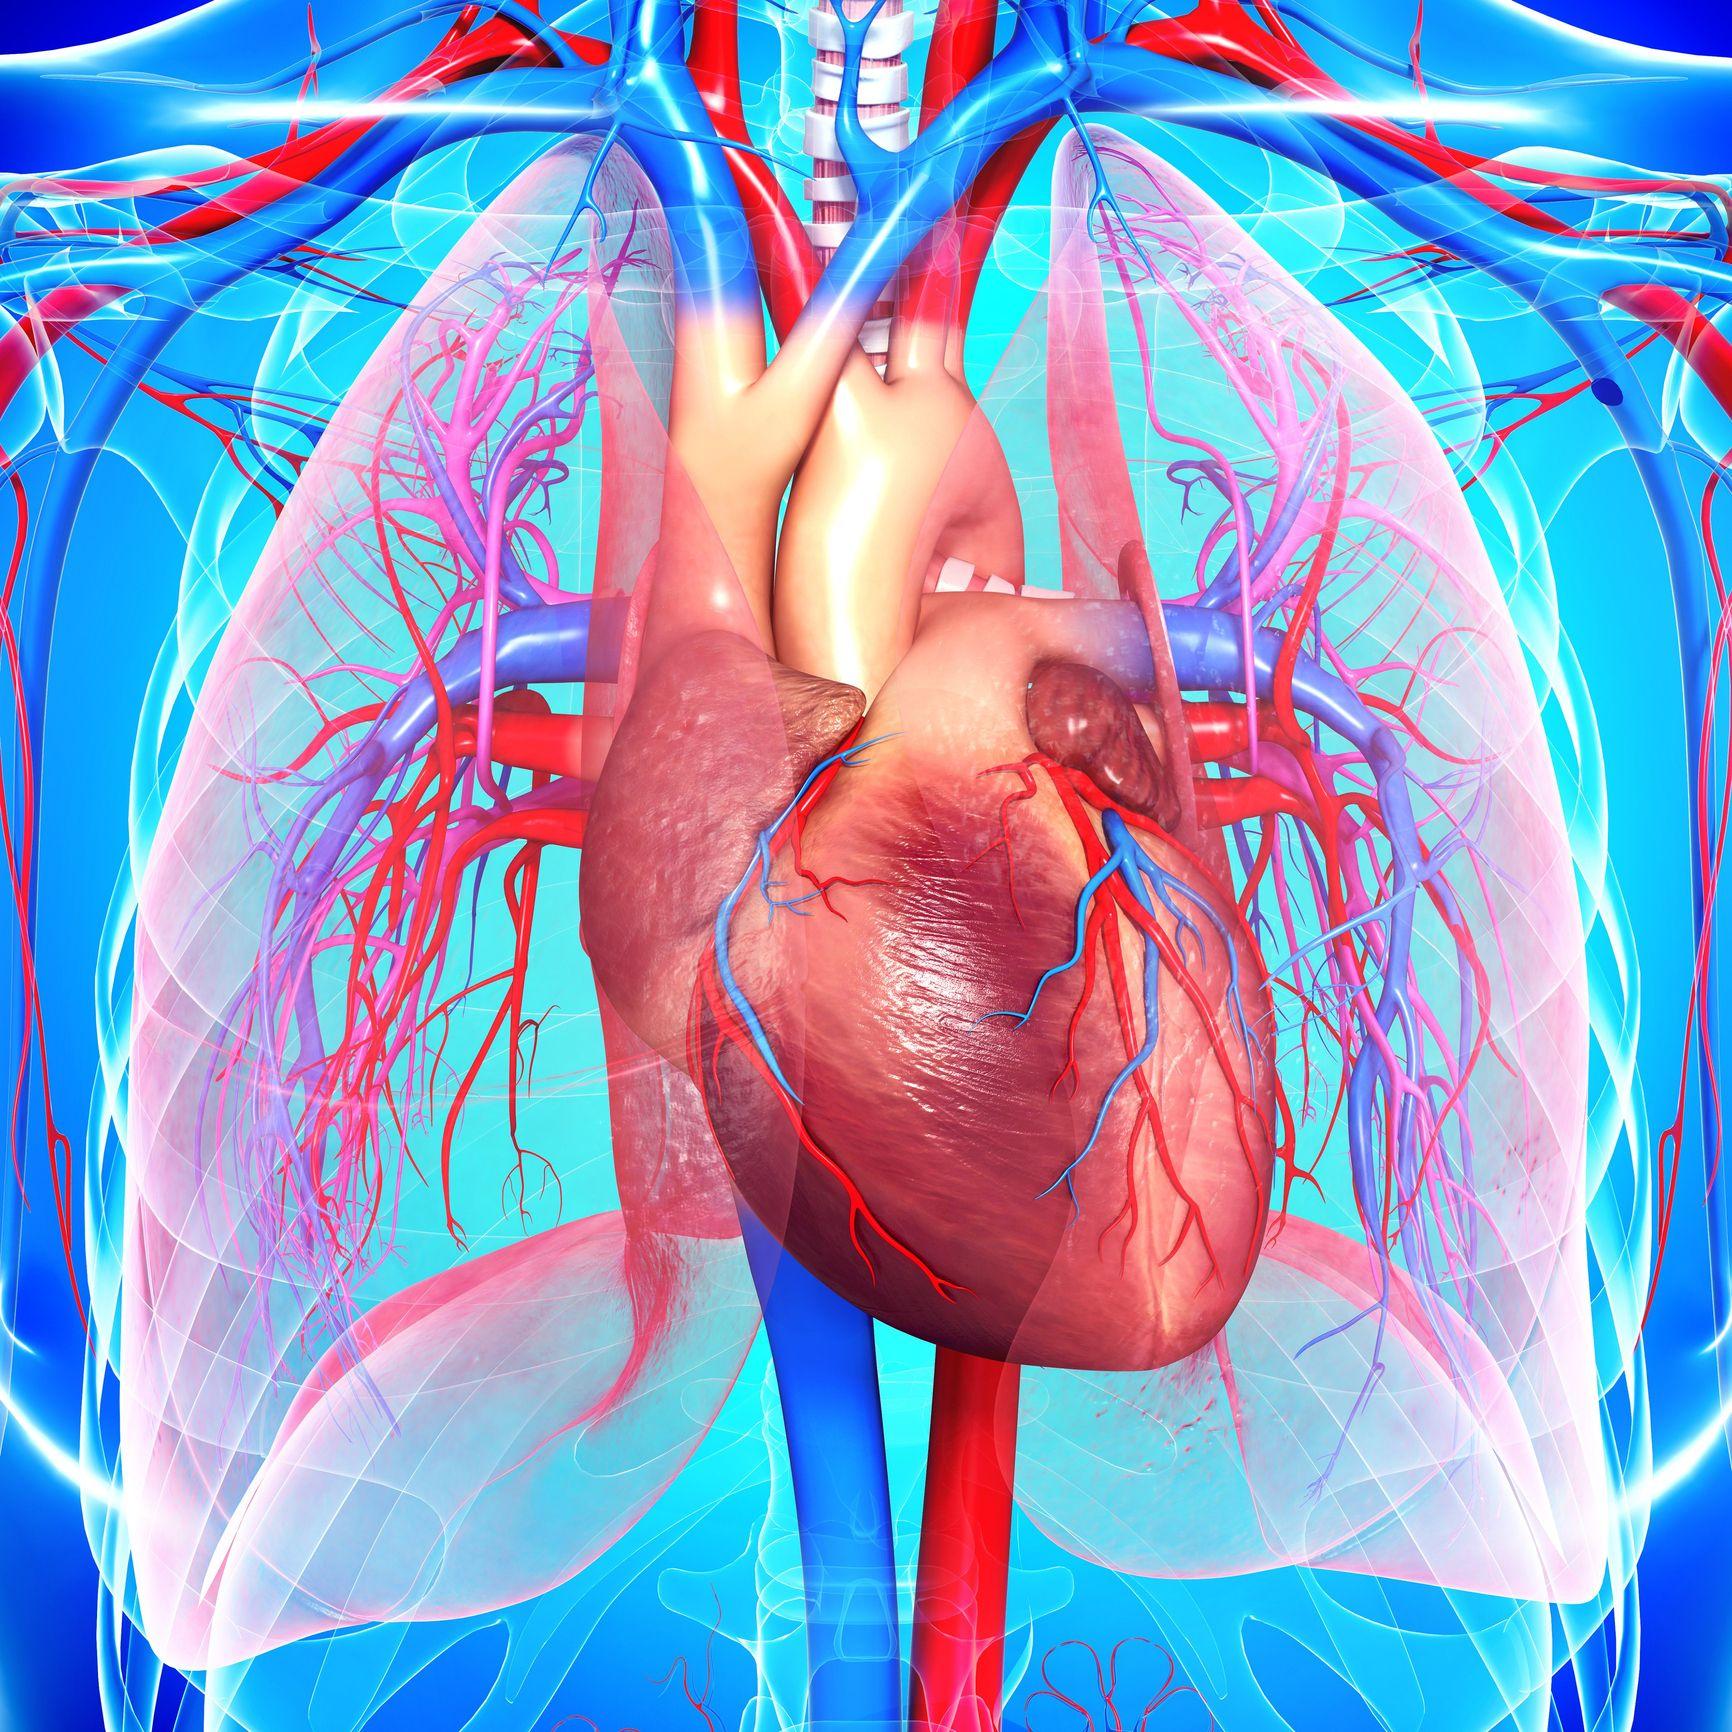 Καρδιακά Νοσήματα: Διατροφή μετά από χειρουργείο καρδίας